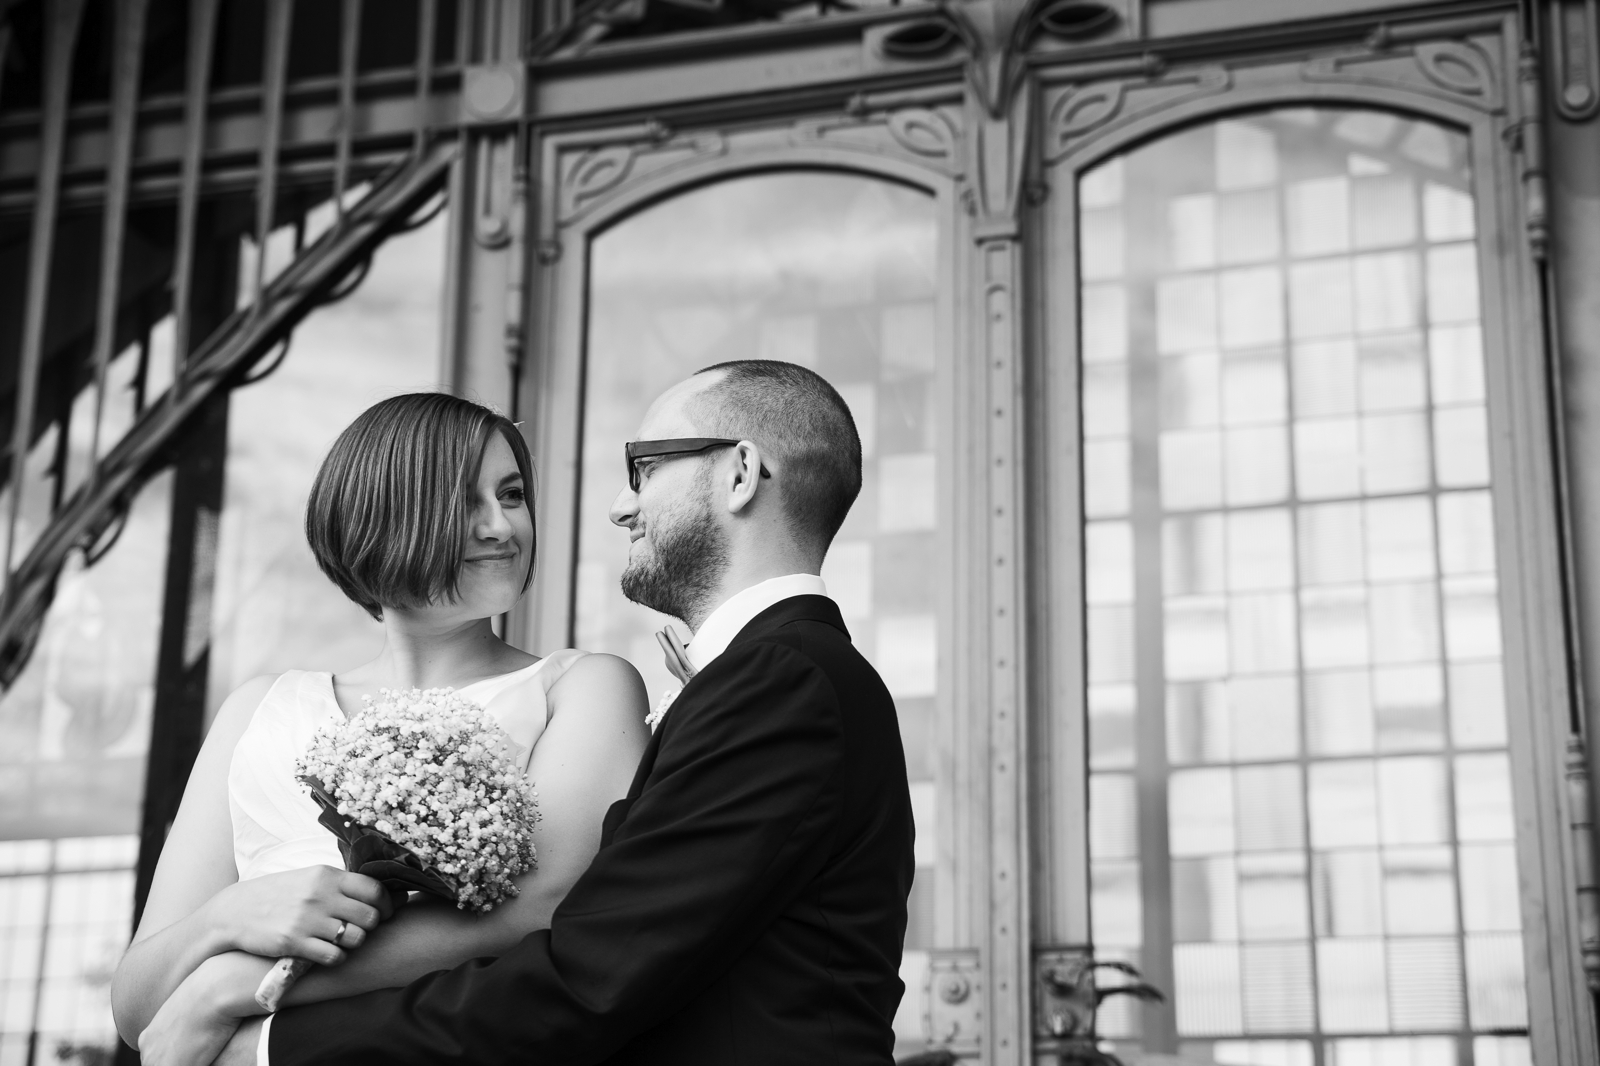 Monstergraphie_Hochzeitsreportage_Dortmund_Zeche_Zollern21.jpg?fit=1600%2C1066